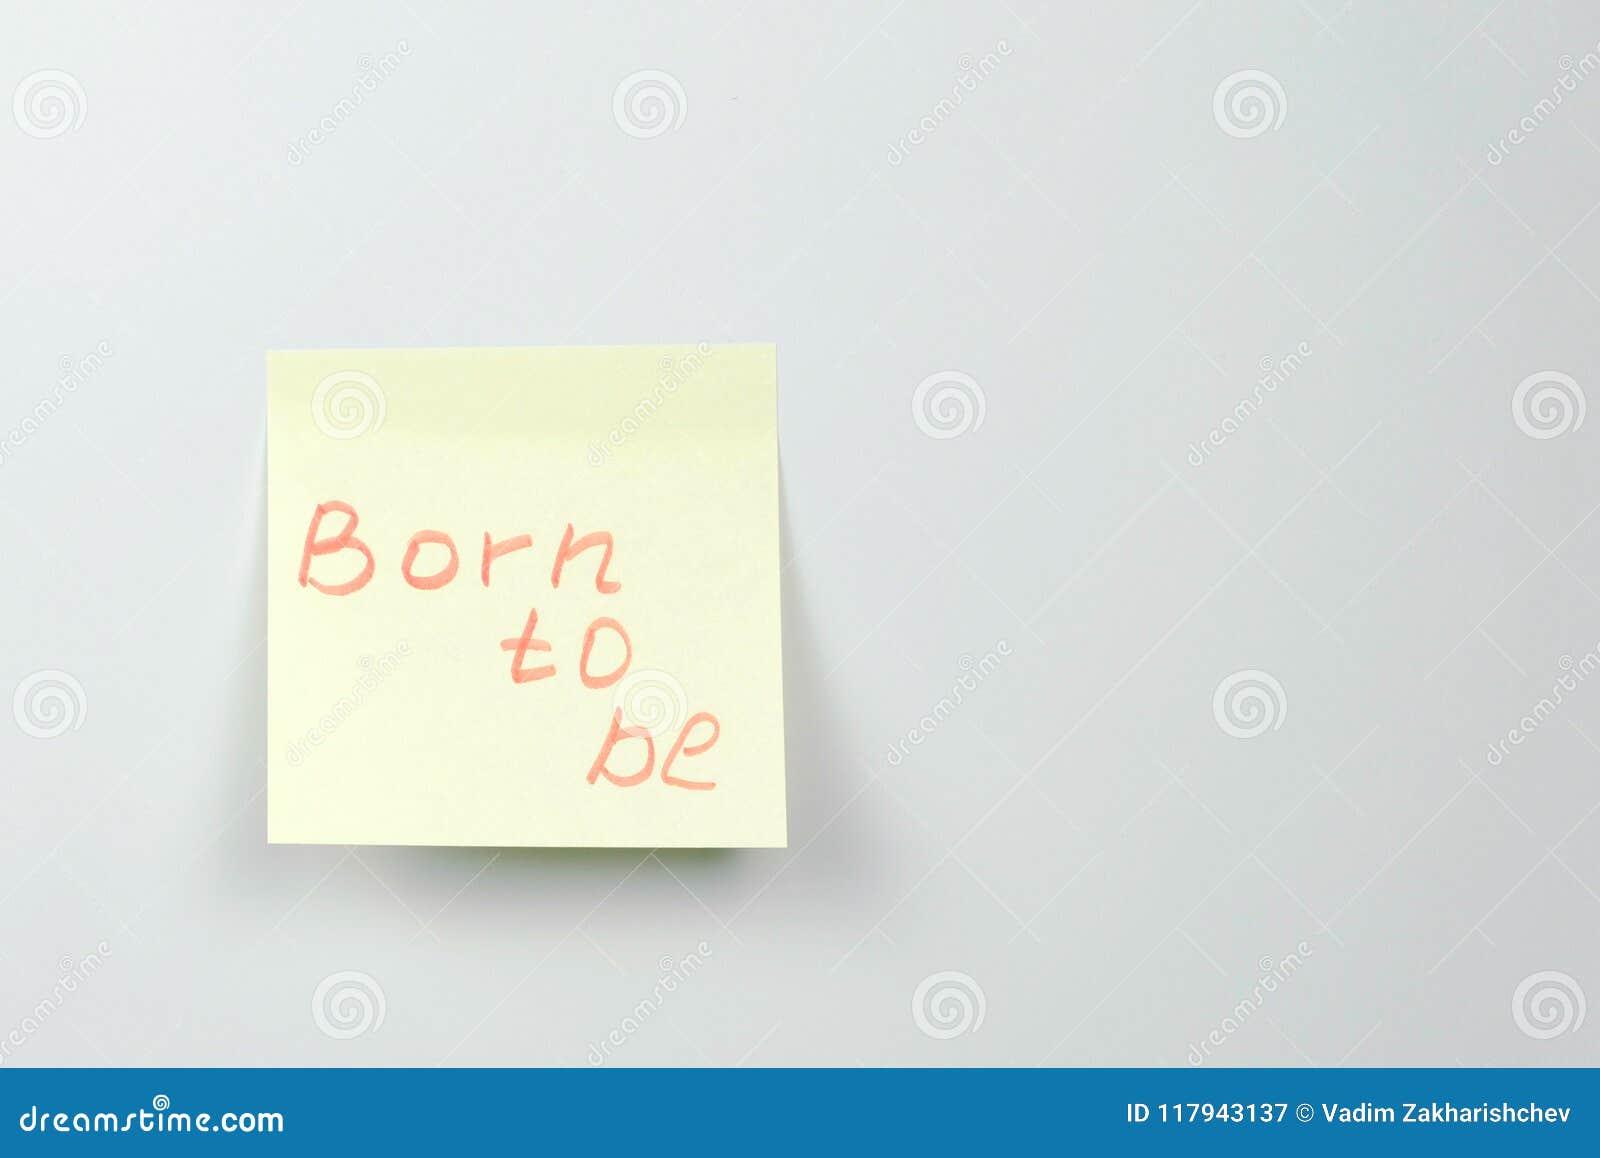 Anmerkung über gelbes Aufkleberpapier bedeckt mit den Motivationswörtern, die getragen werden, um zu sein